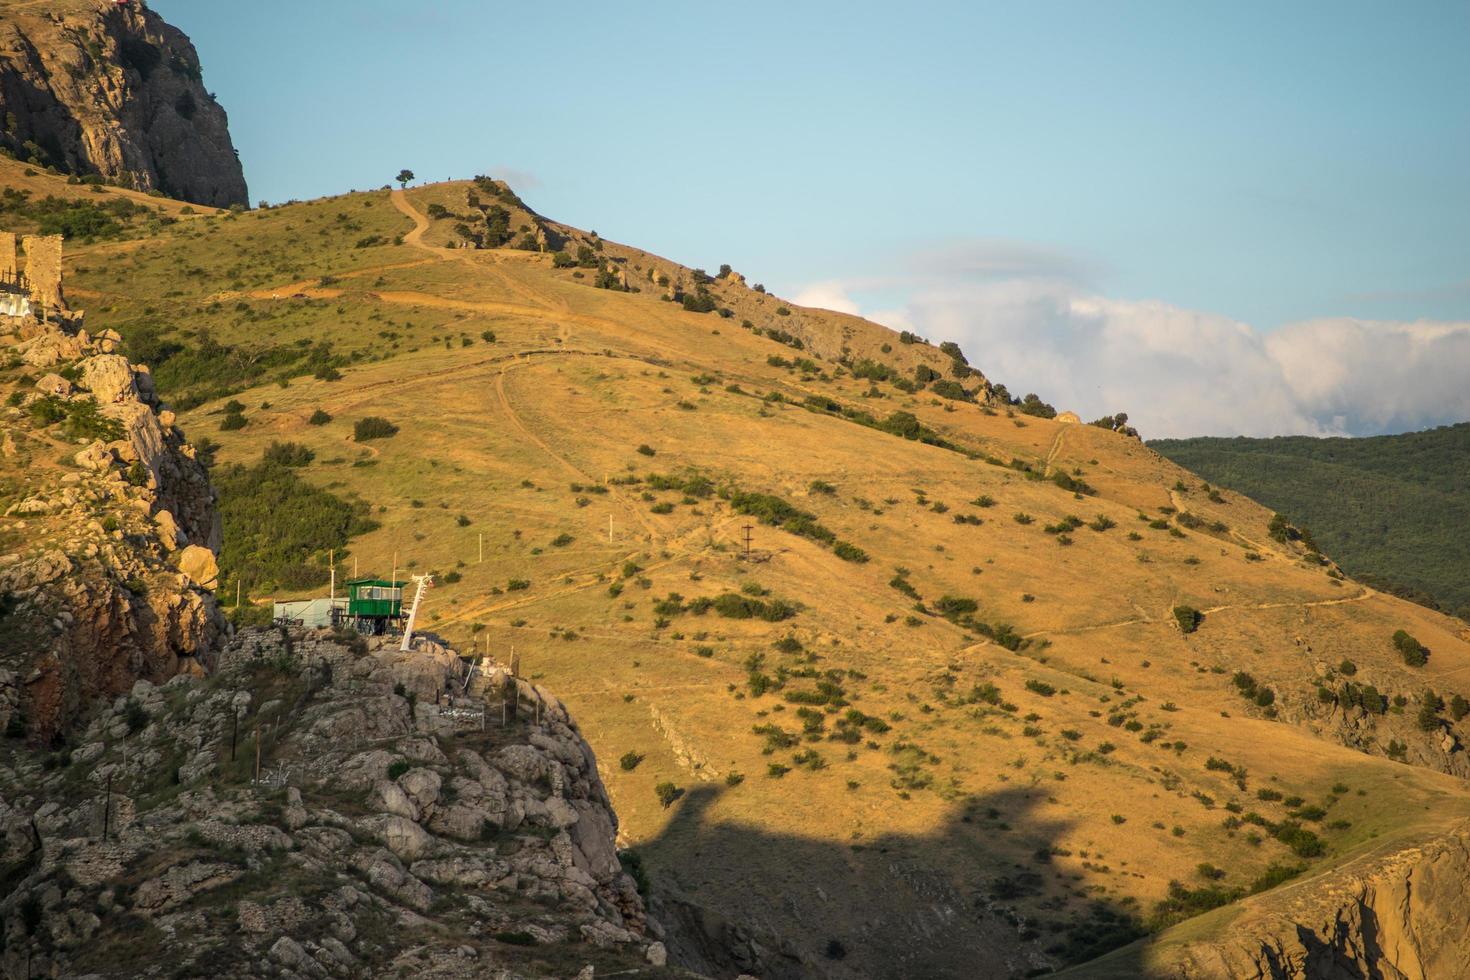 Vue de la forteresse génoise sur le flanc d'une montagne avec un ciel bleu nuageux en Crimée photo